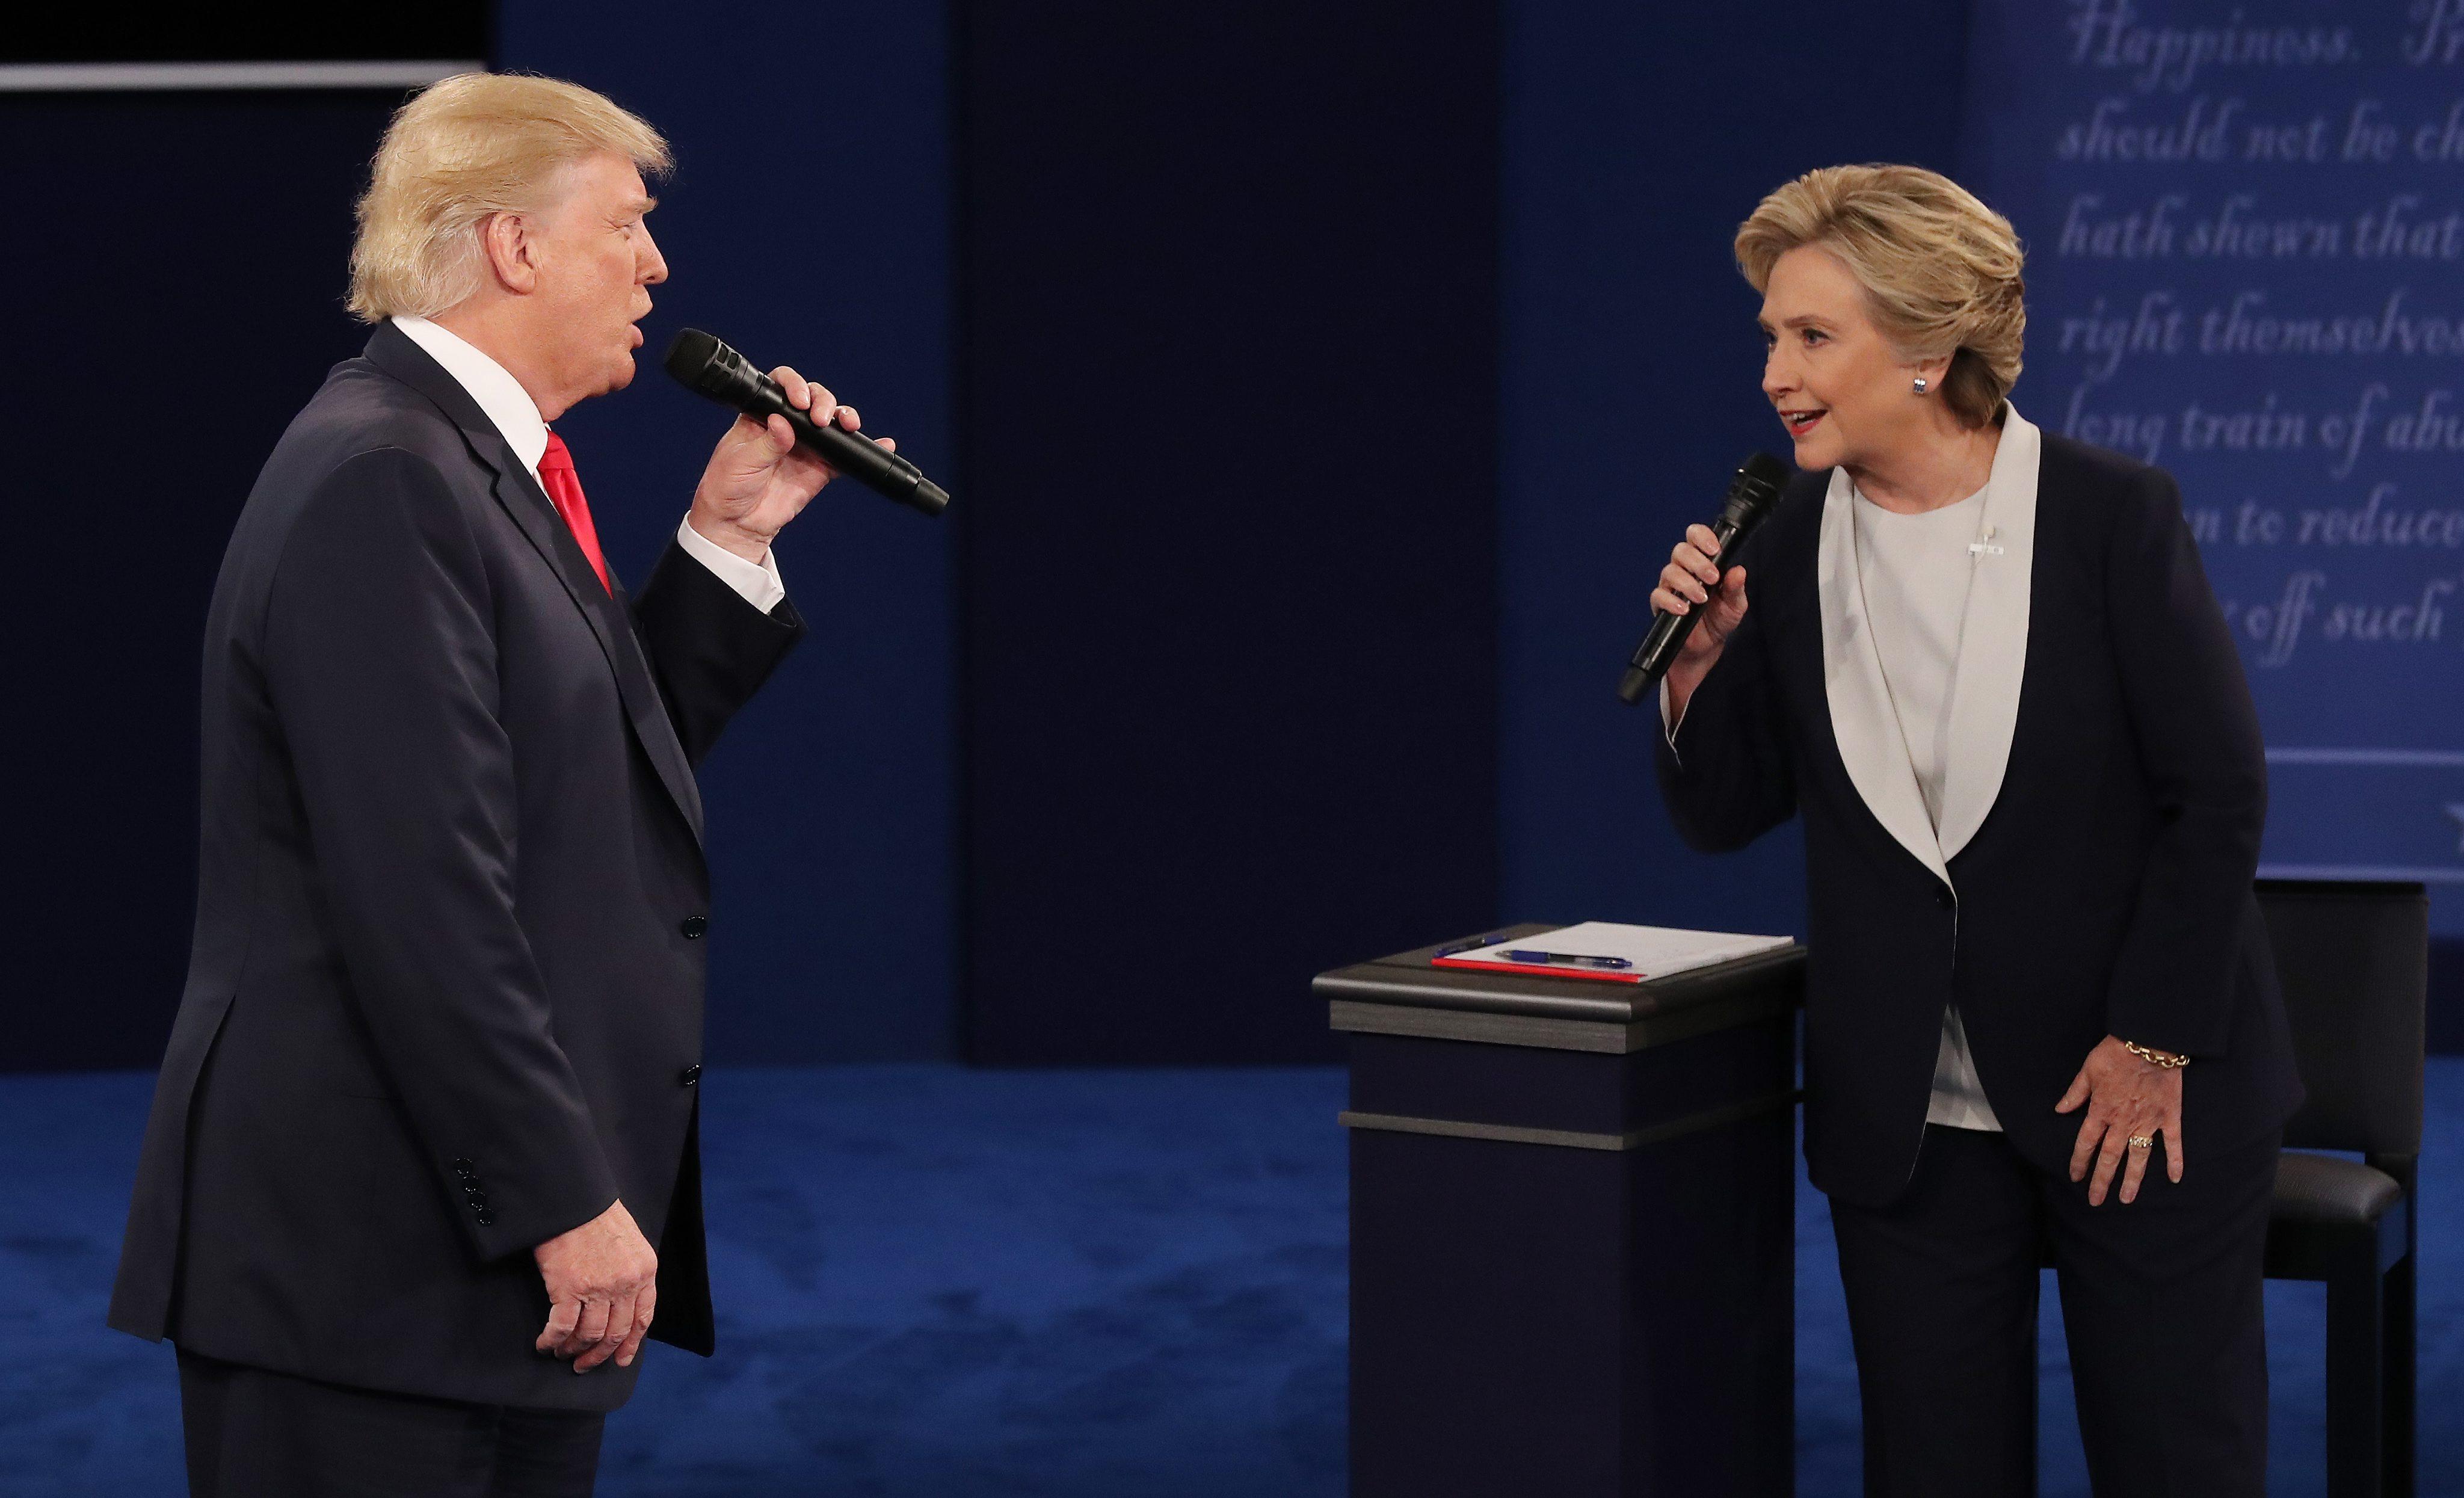 Las mejores frases del segundo debate presidencial en EE.UU.